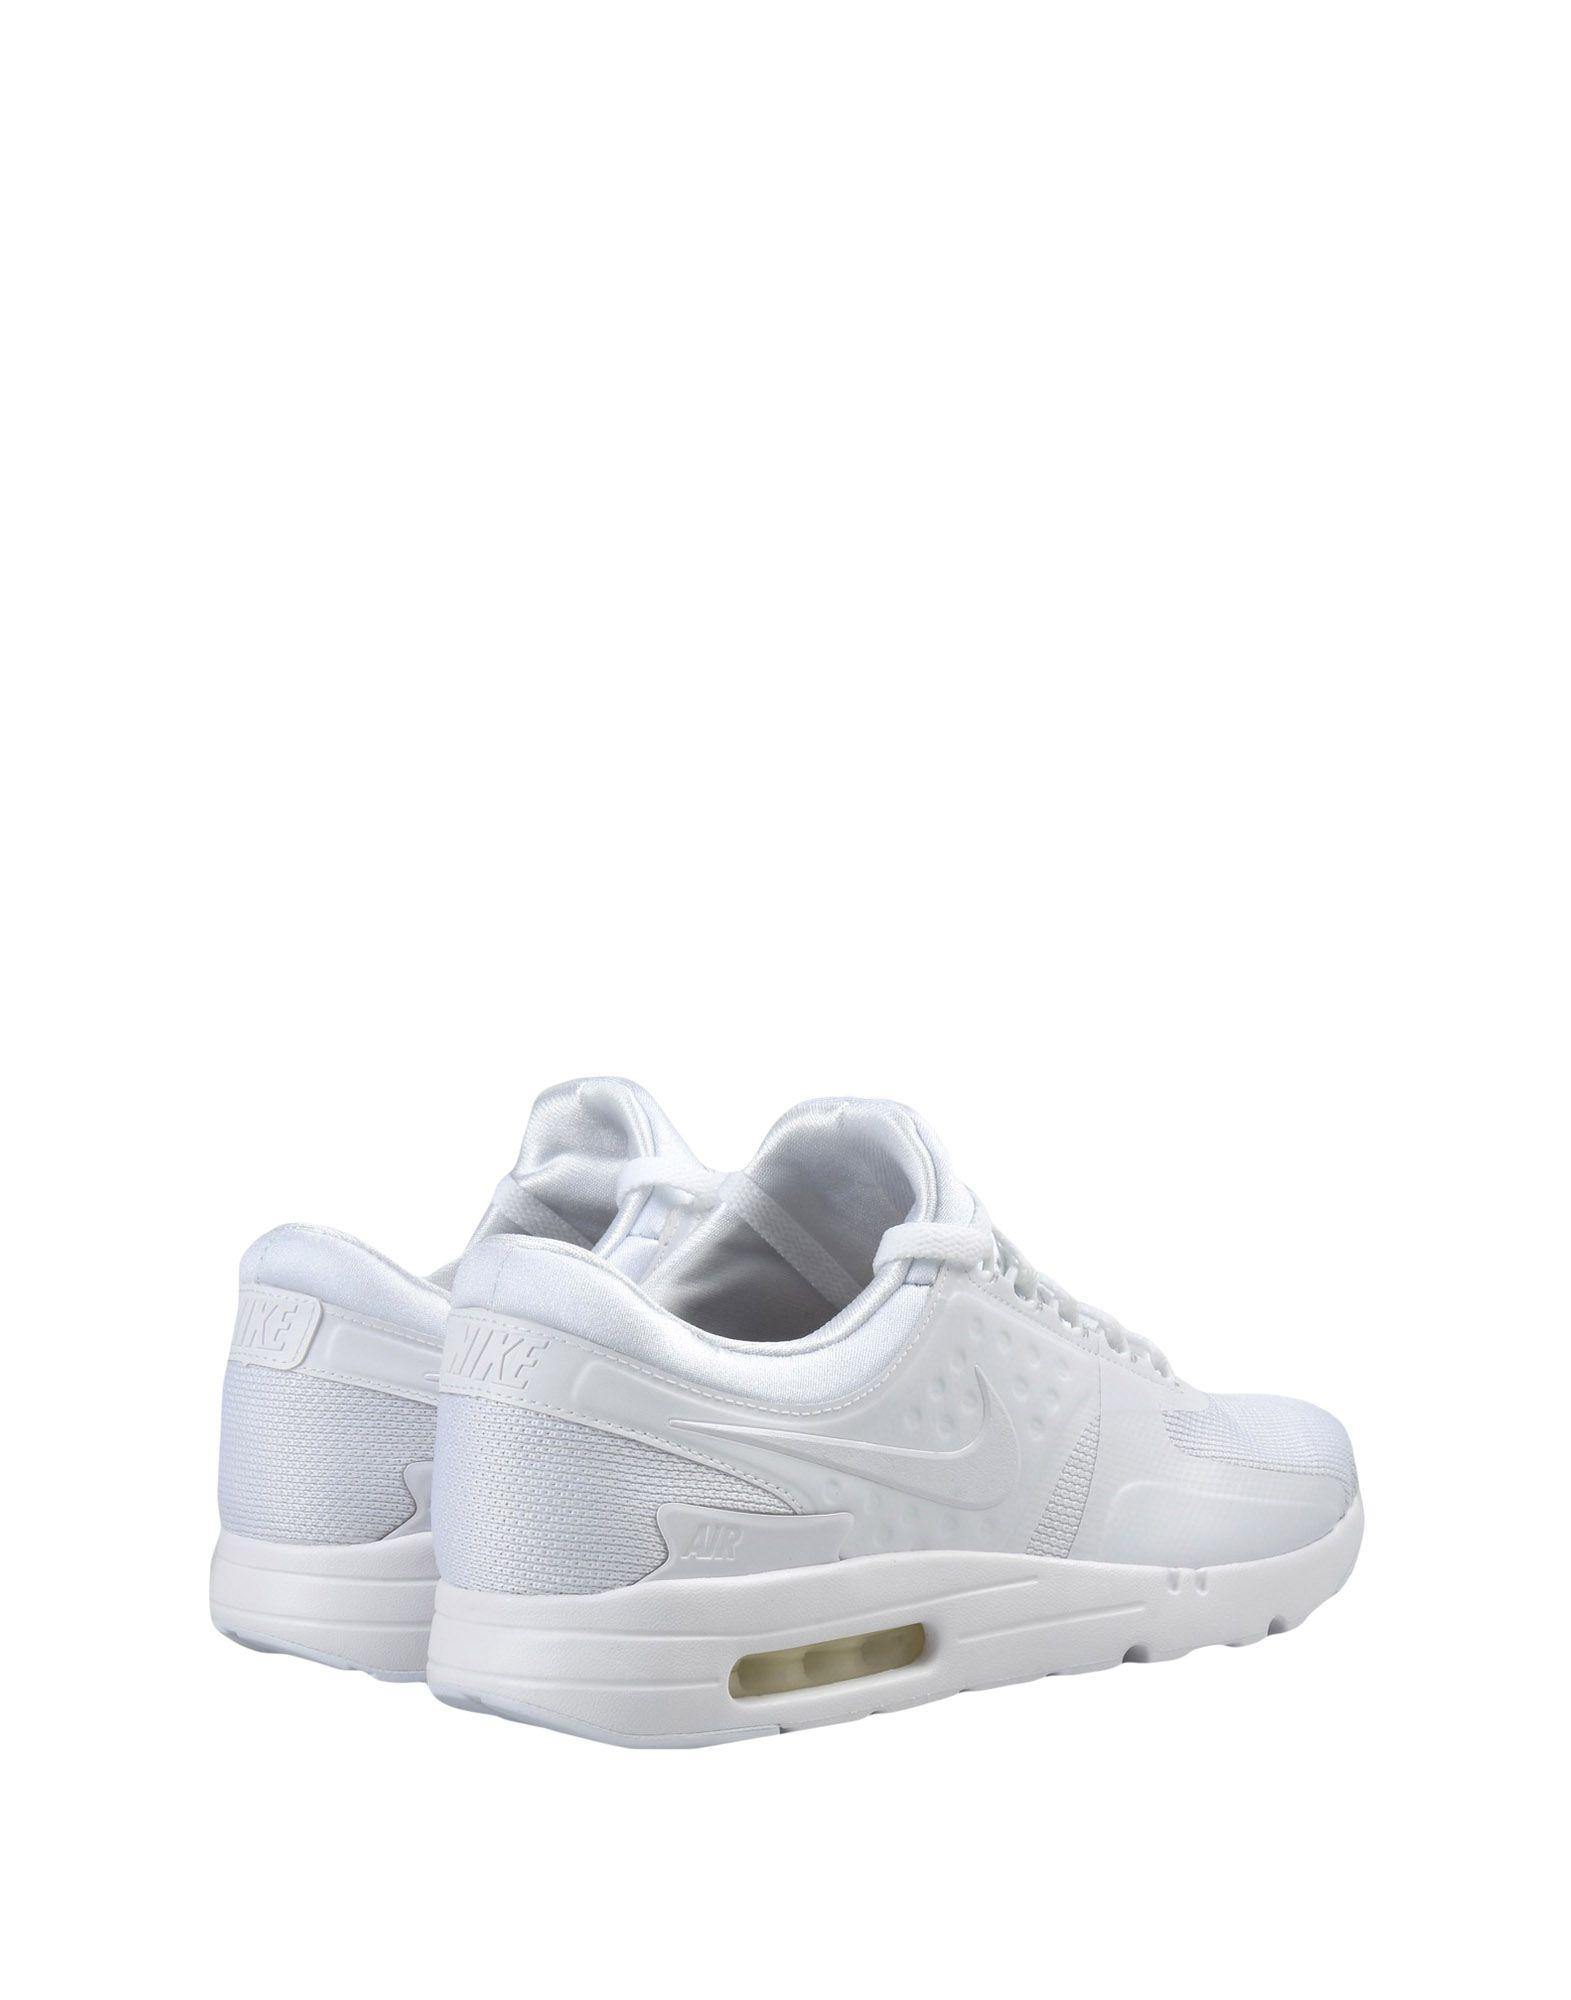 Sneakers Nike  Air Max Zero Essential - Homme - Sneakers Nike sur